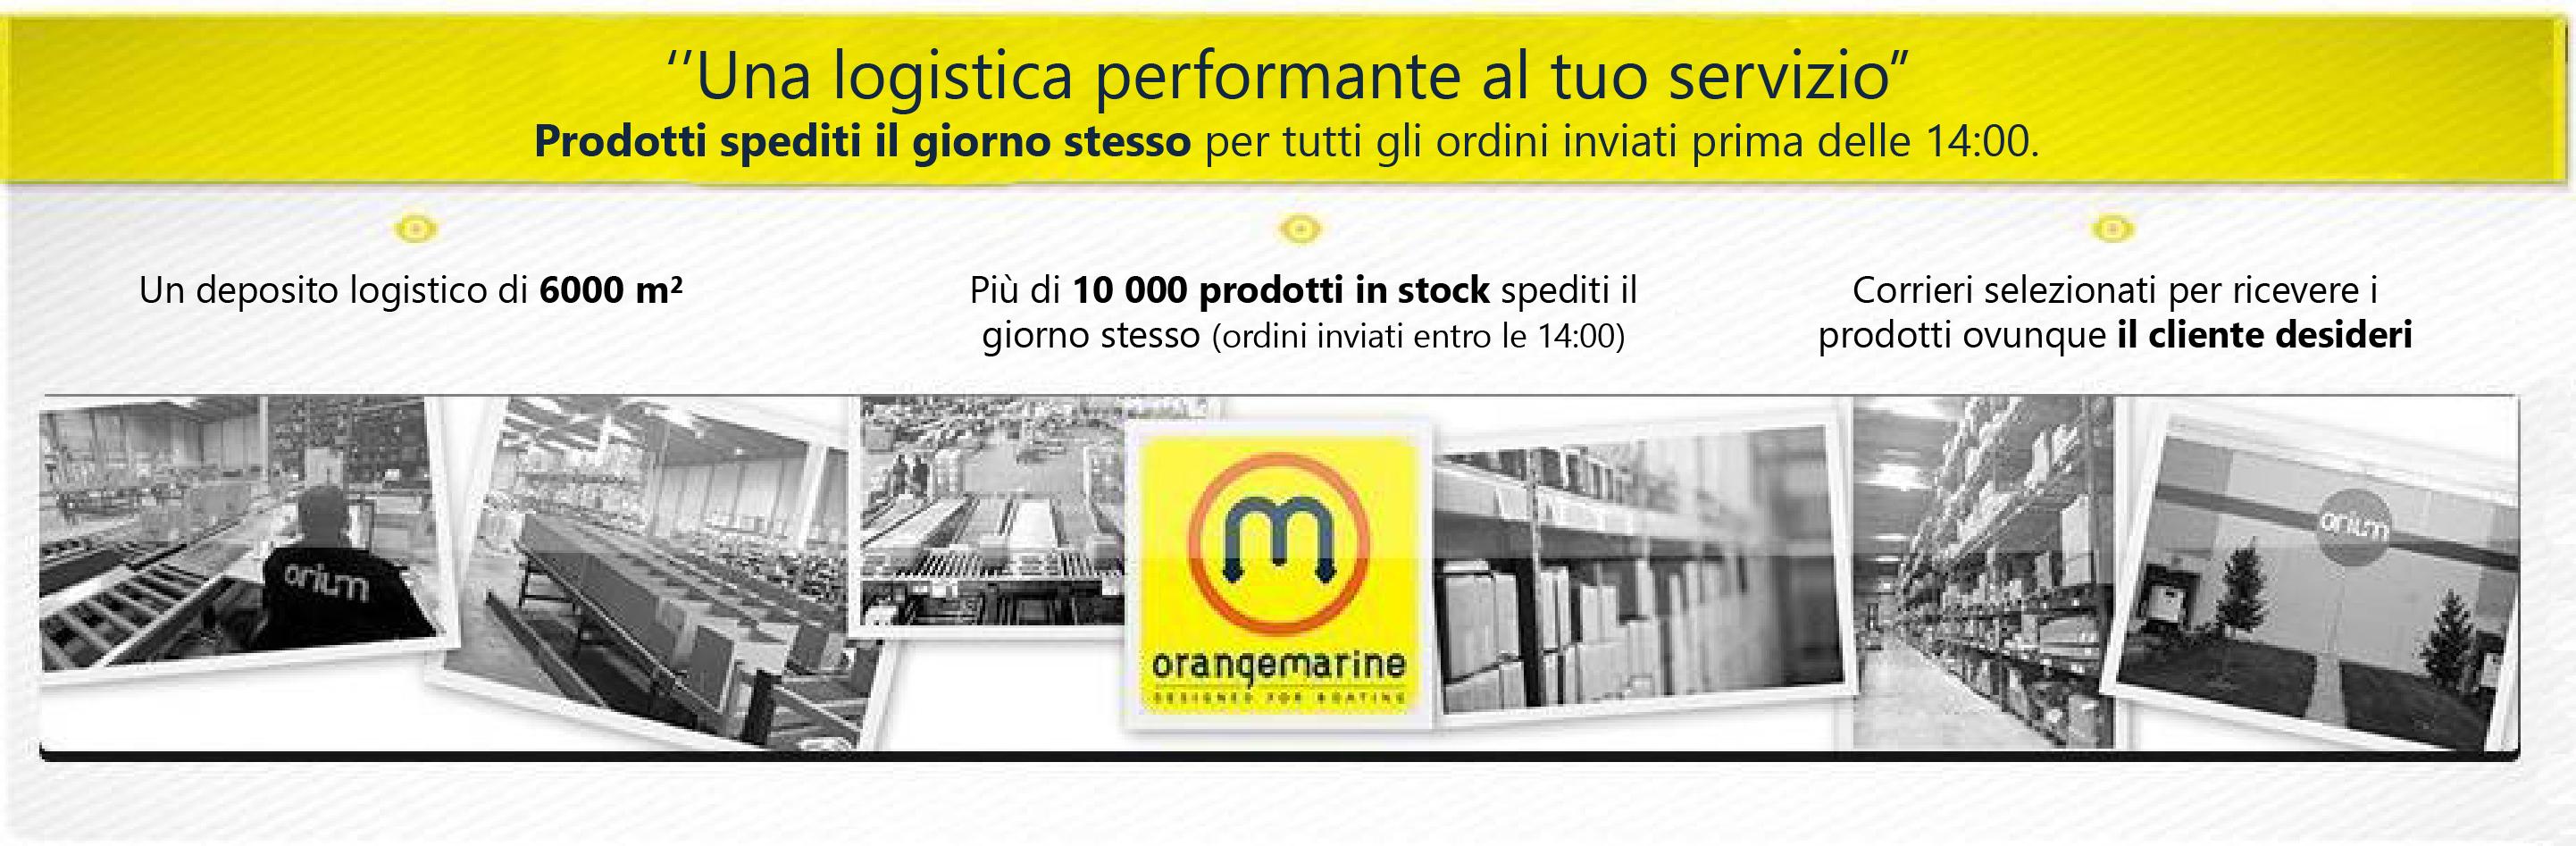 10.000 prodotti in stock spediti il giorno stesso e corrieri selezionati per trasportare le merci il più rapidamente possibile